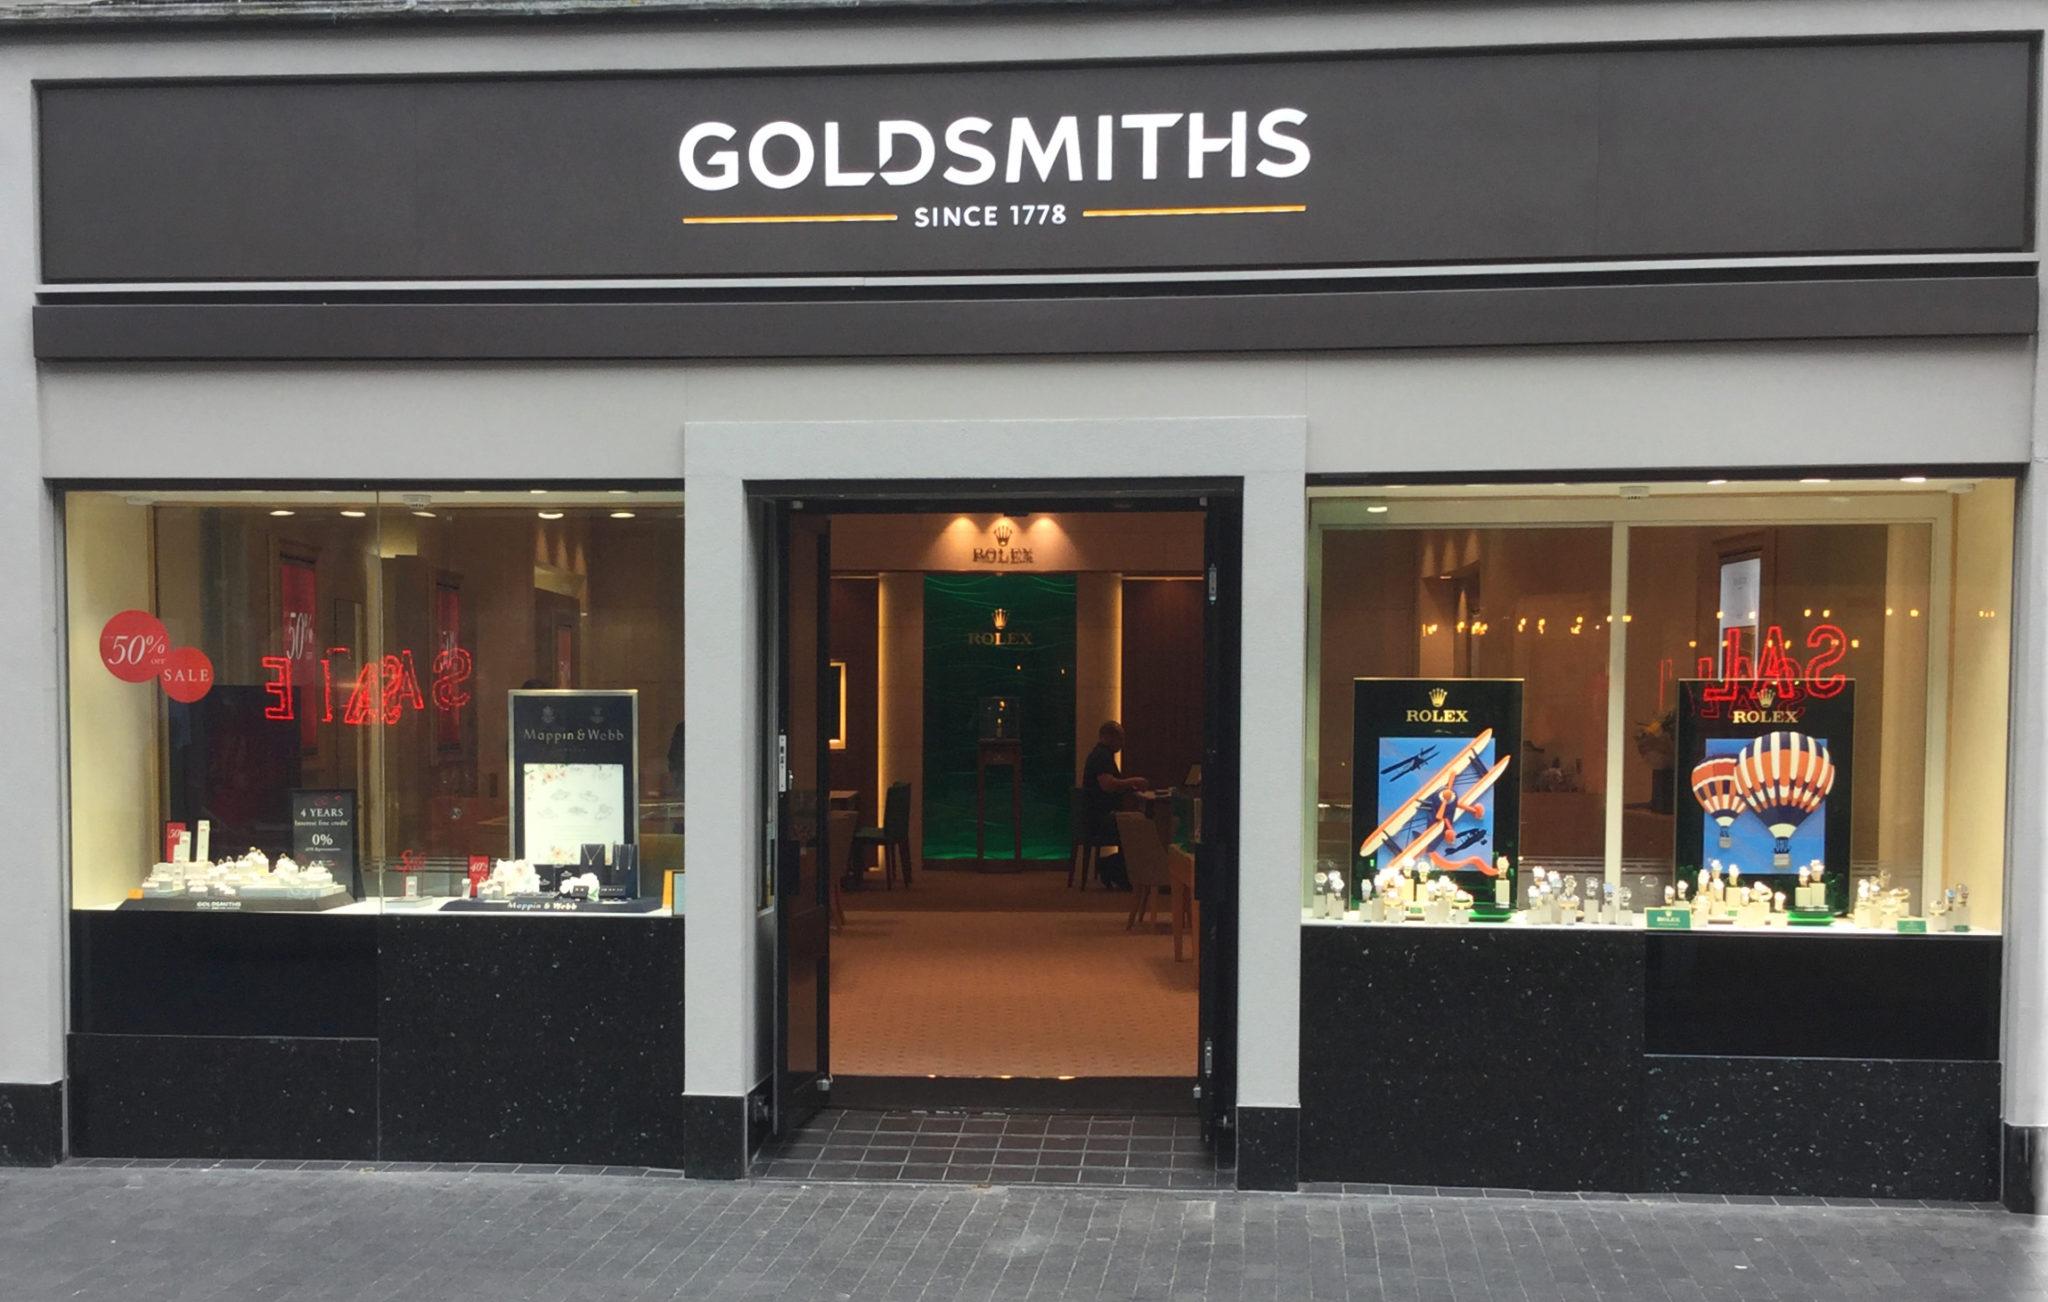 Goldsmiths Rolex